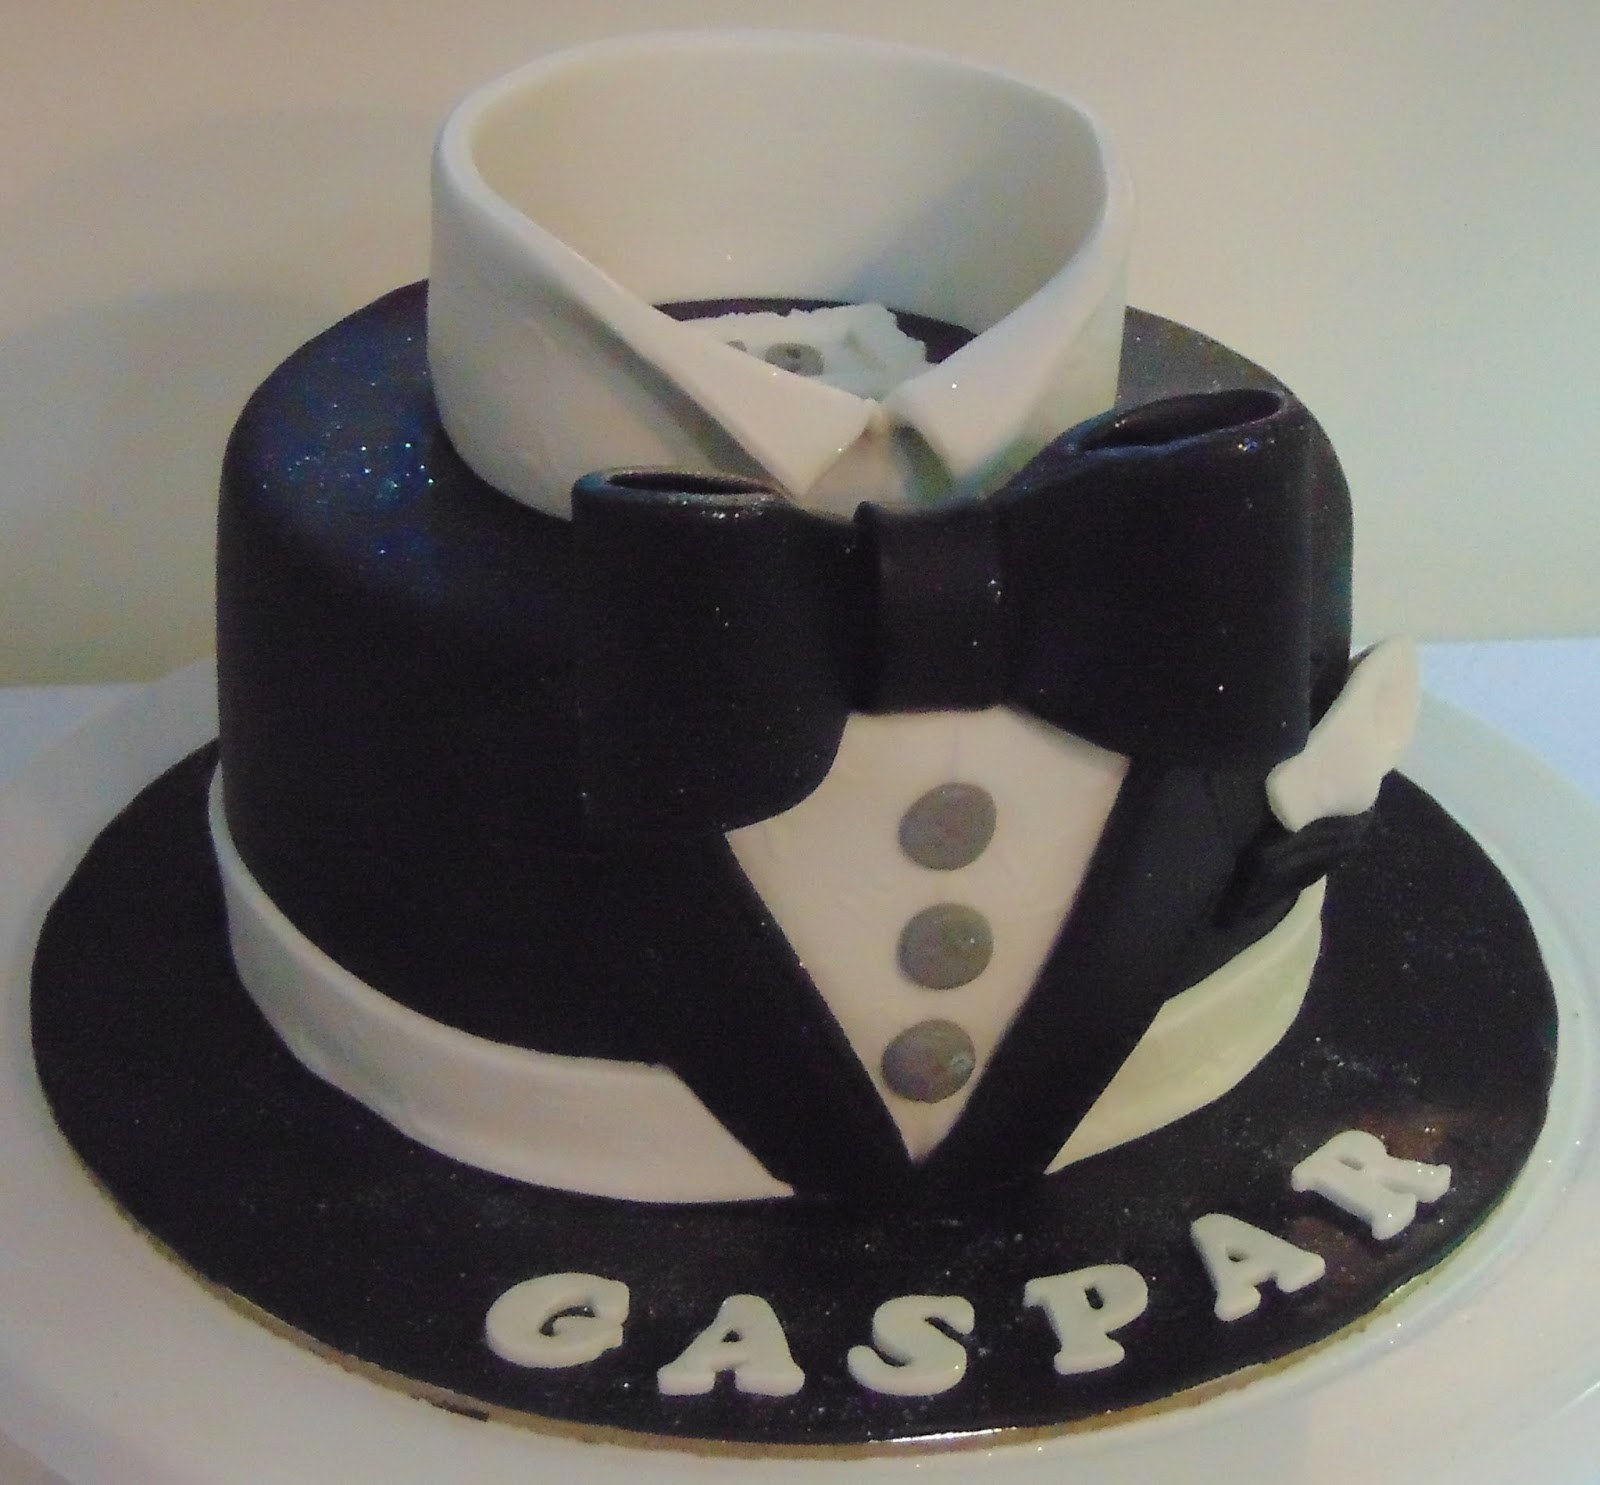 Cake Design Para Homem : FLOWER CAKE DESIGNER: Bolo Aniversario homem!